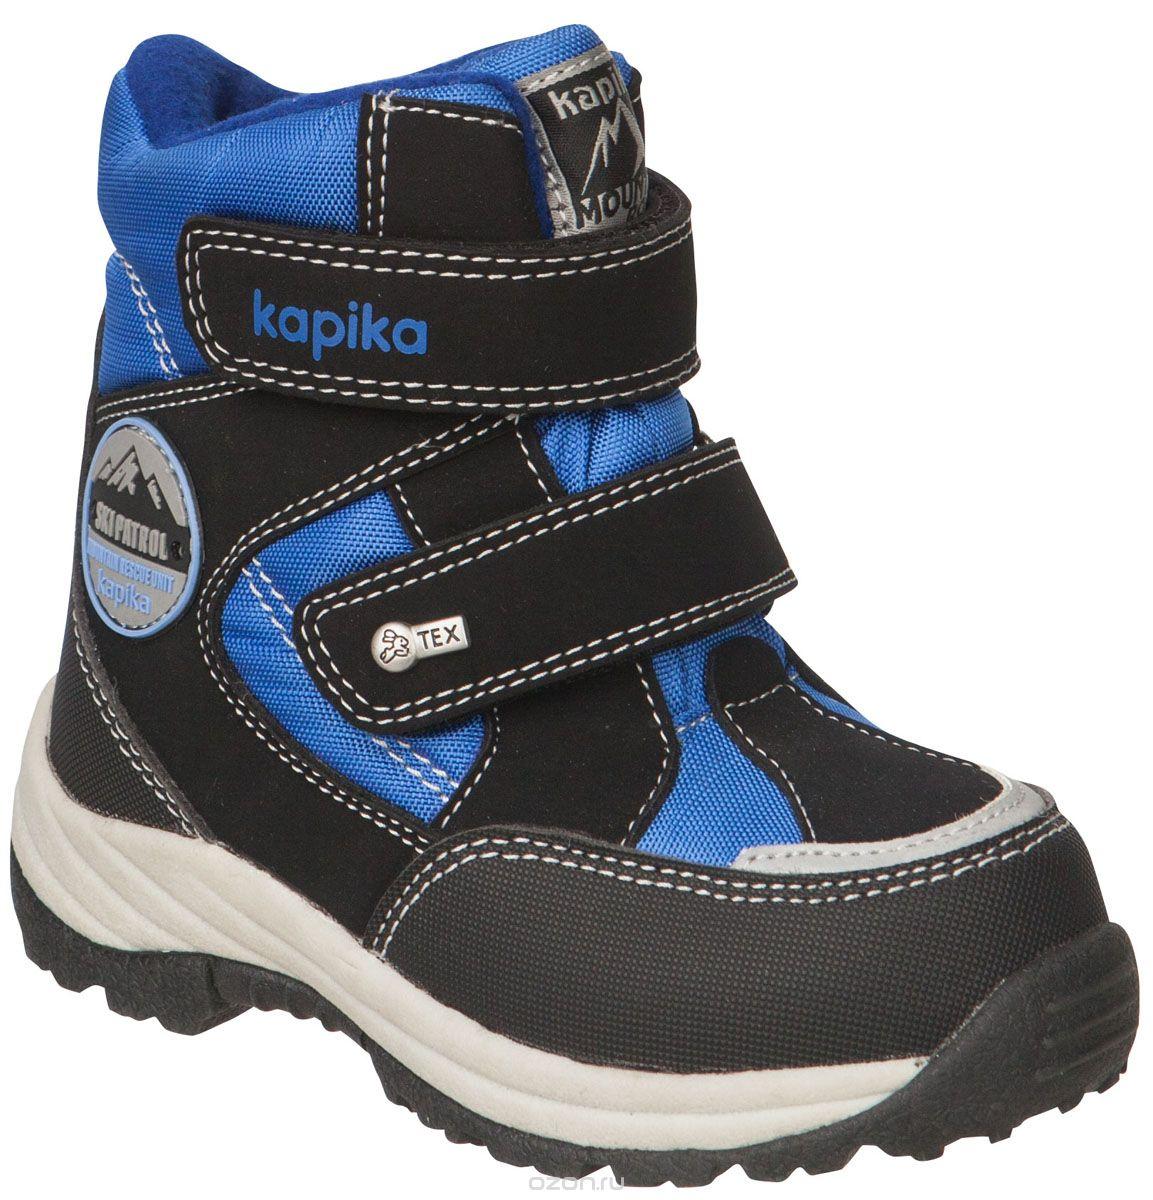 7b4bbc7ab Ботинки Kapika: Капика мембрана, зимние детские мембранные ботинки для  мальчиков, отзывы